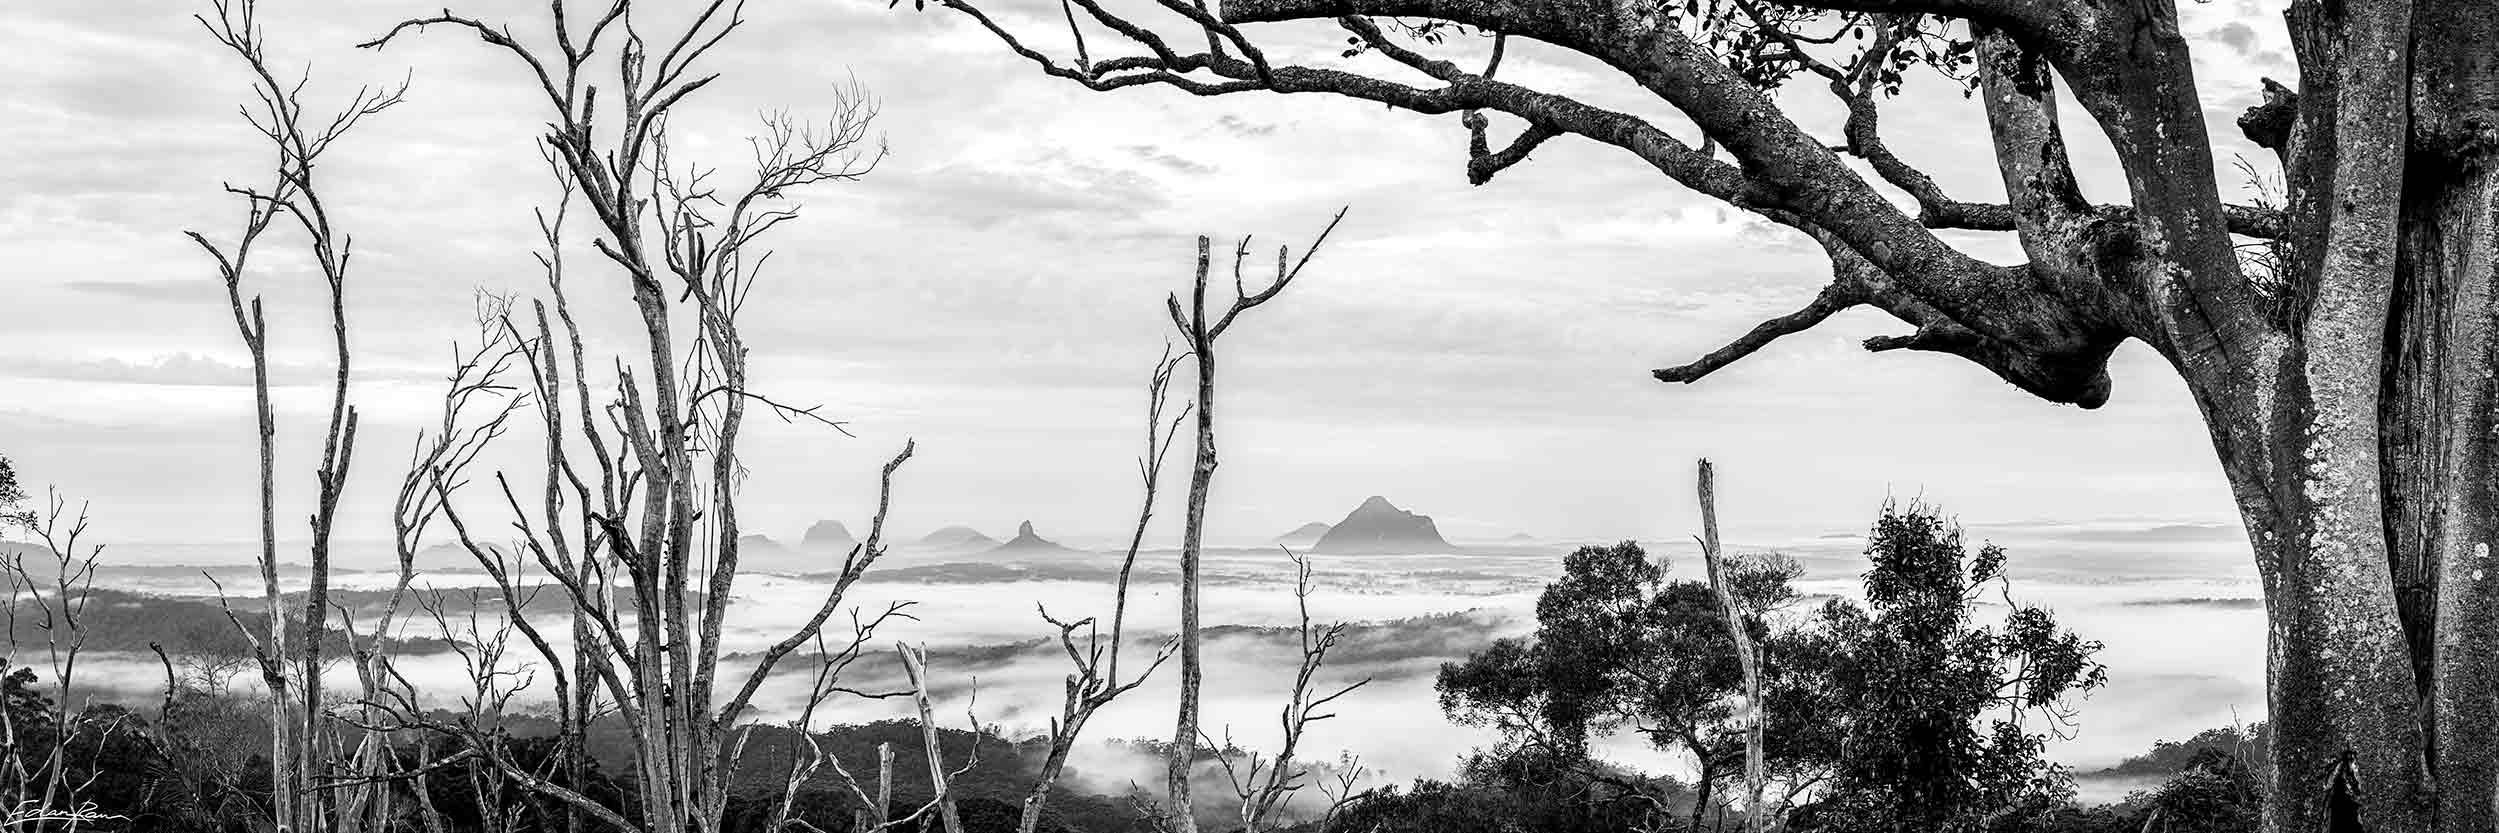 landscape prints australia